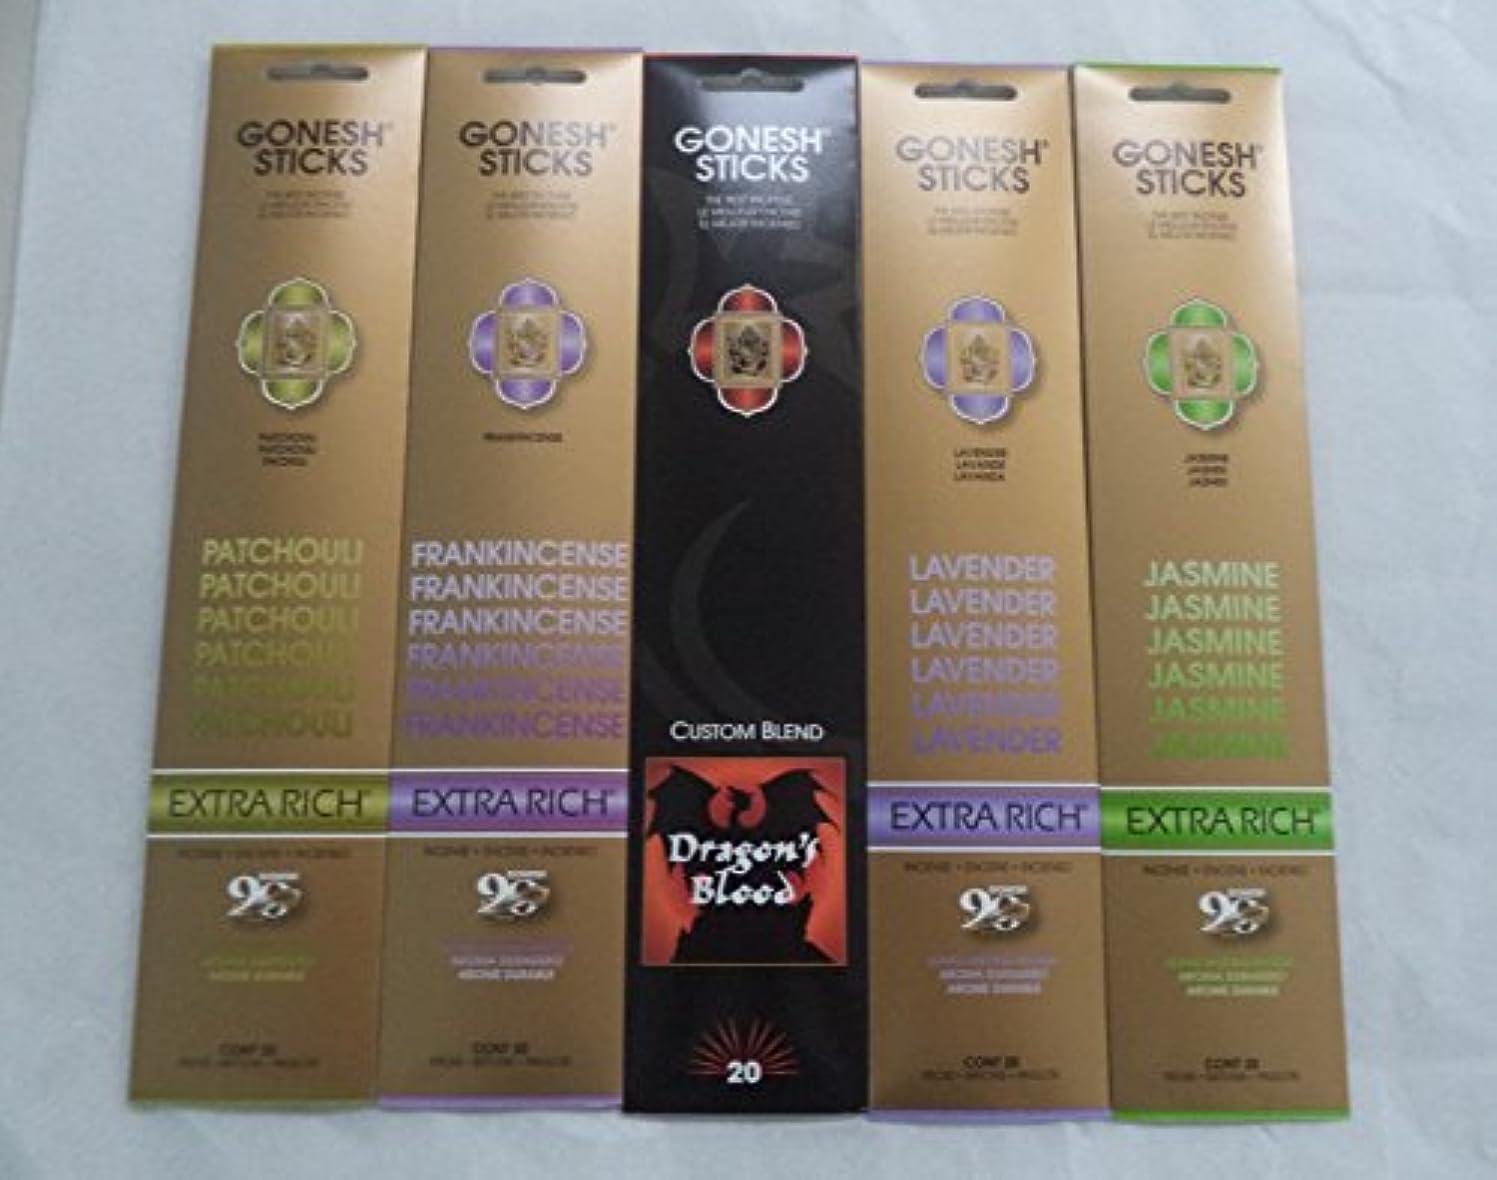 支払う泥だらけ石油Gonesh Incense Stick Best SellerコンボVariety Set # 1 5 x 20 = 100 Sticks